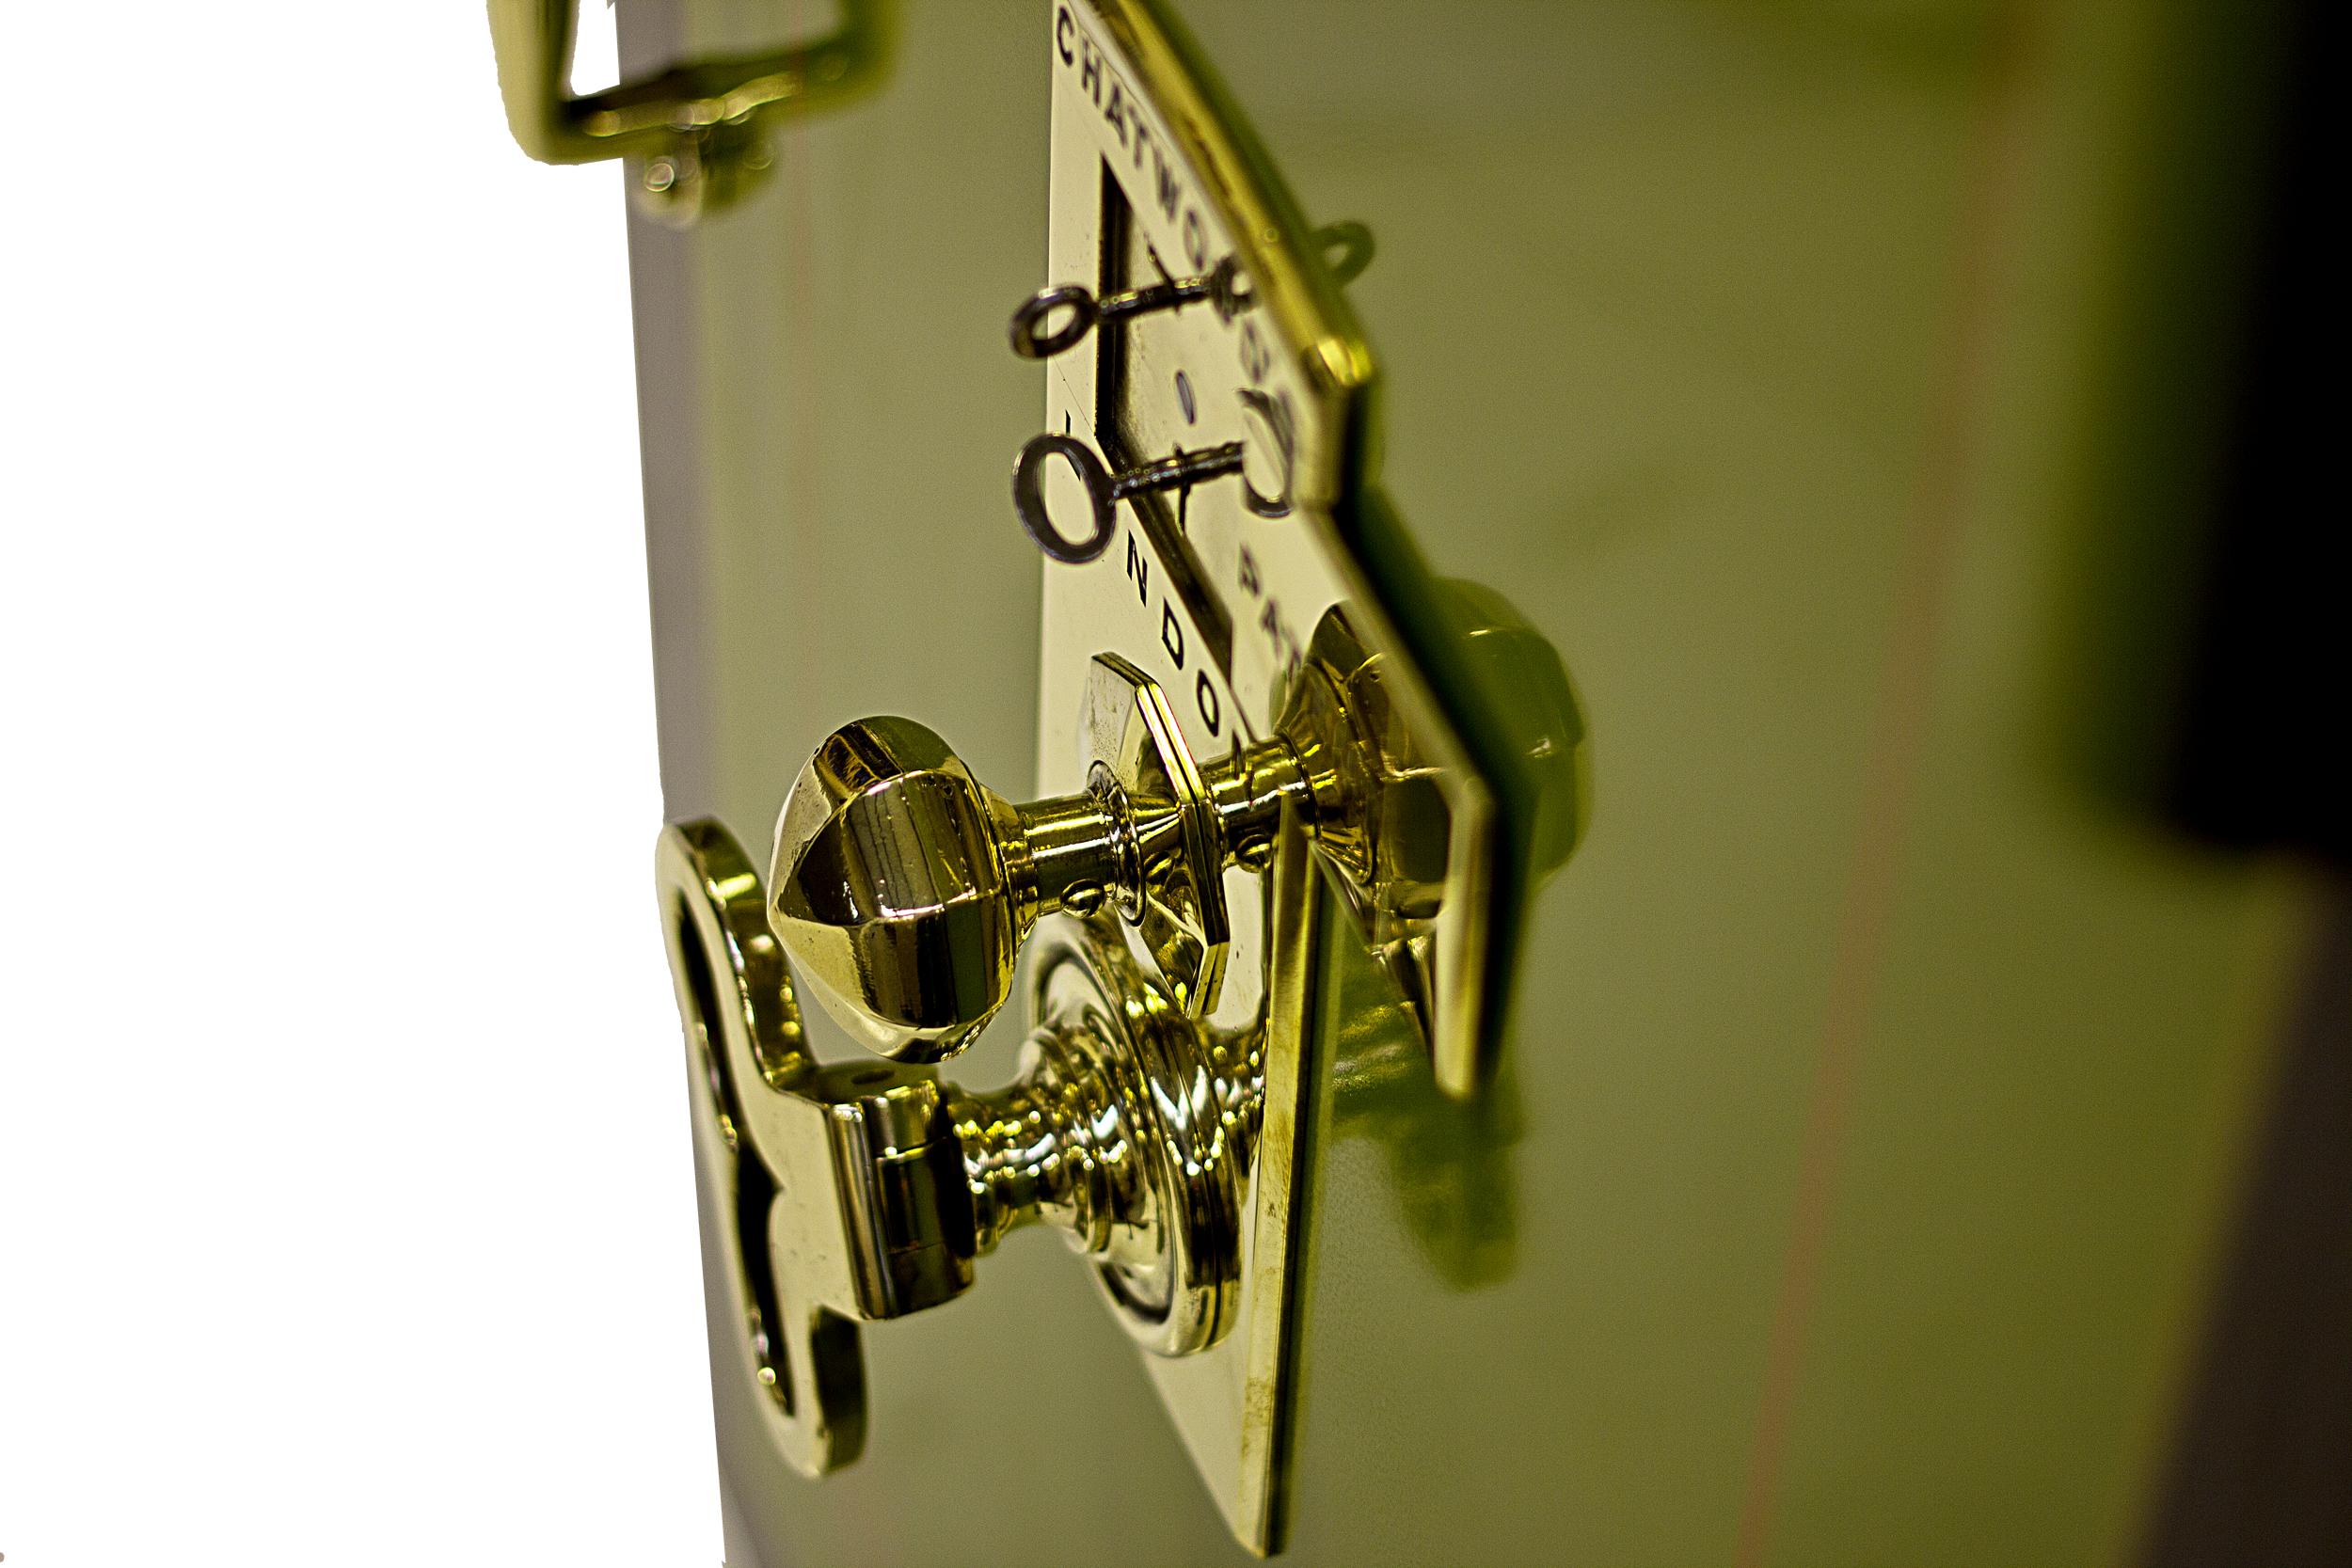 Chatwood vintage safe door detail